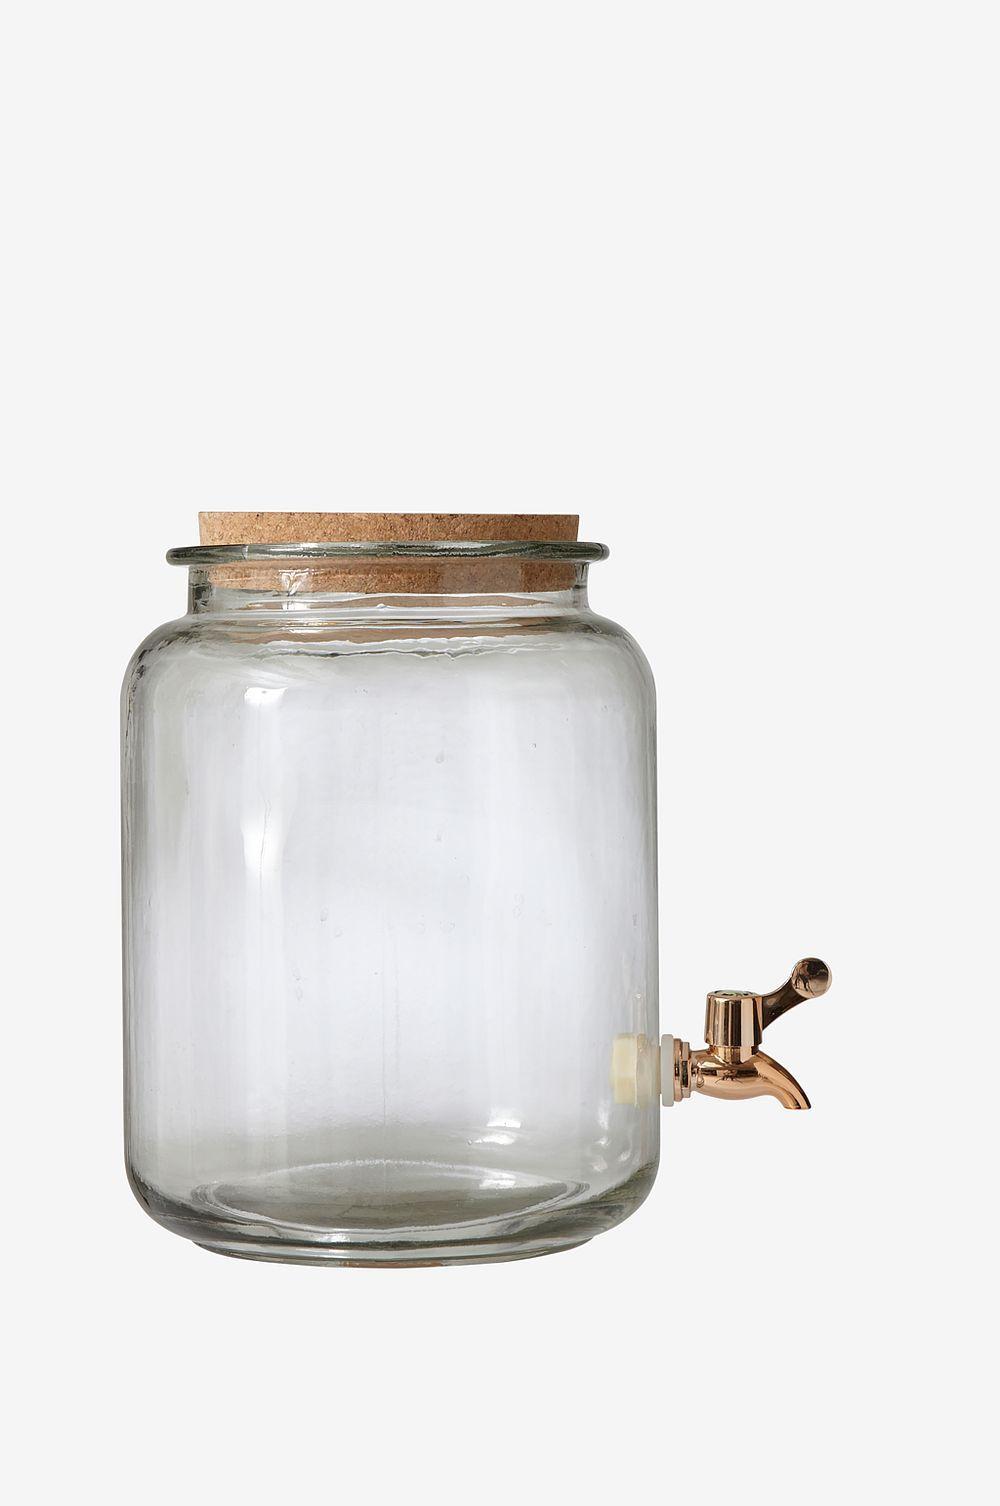 Lasipurkki, jonka kansi korkkia. Hana kuparinväristä muovia. Korkeus 32 cm. ø 22 cm. Tilavuus n. 7,5 litraa.